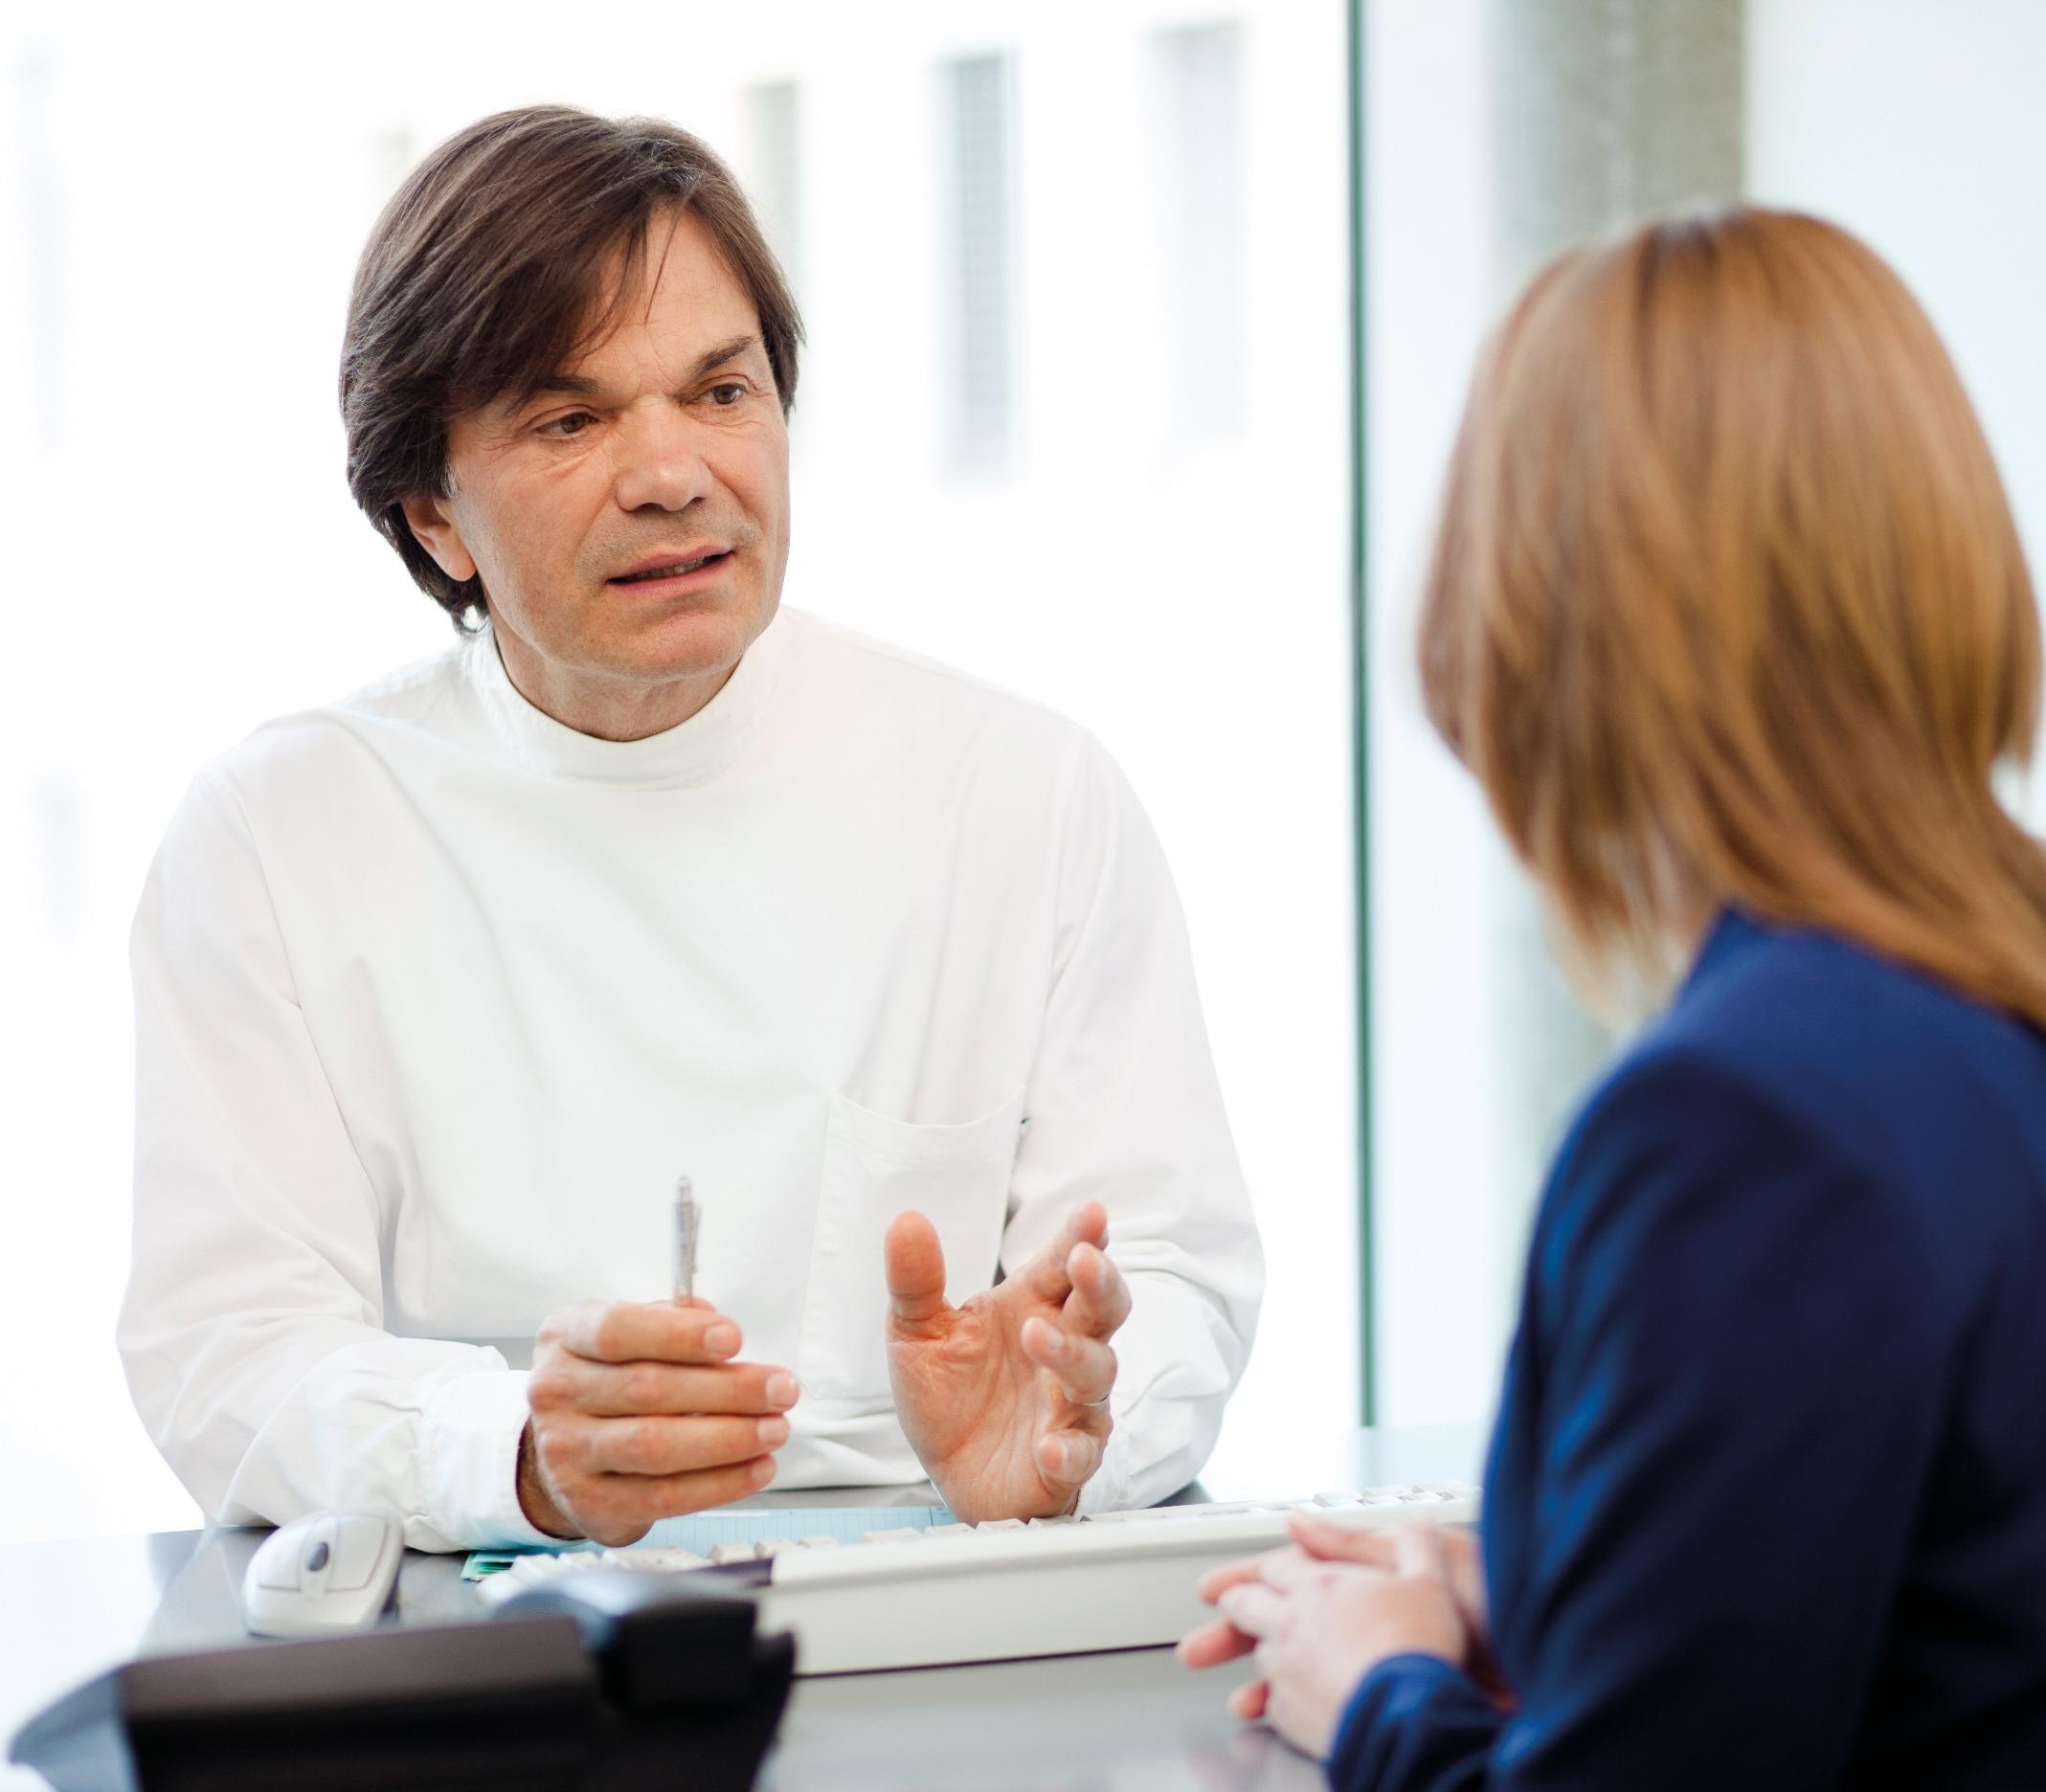 Interview du Dr Luigi L. Polla par Laurence Gemperle  journaliste pour la RTS